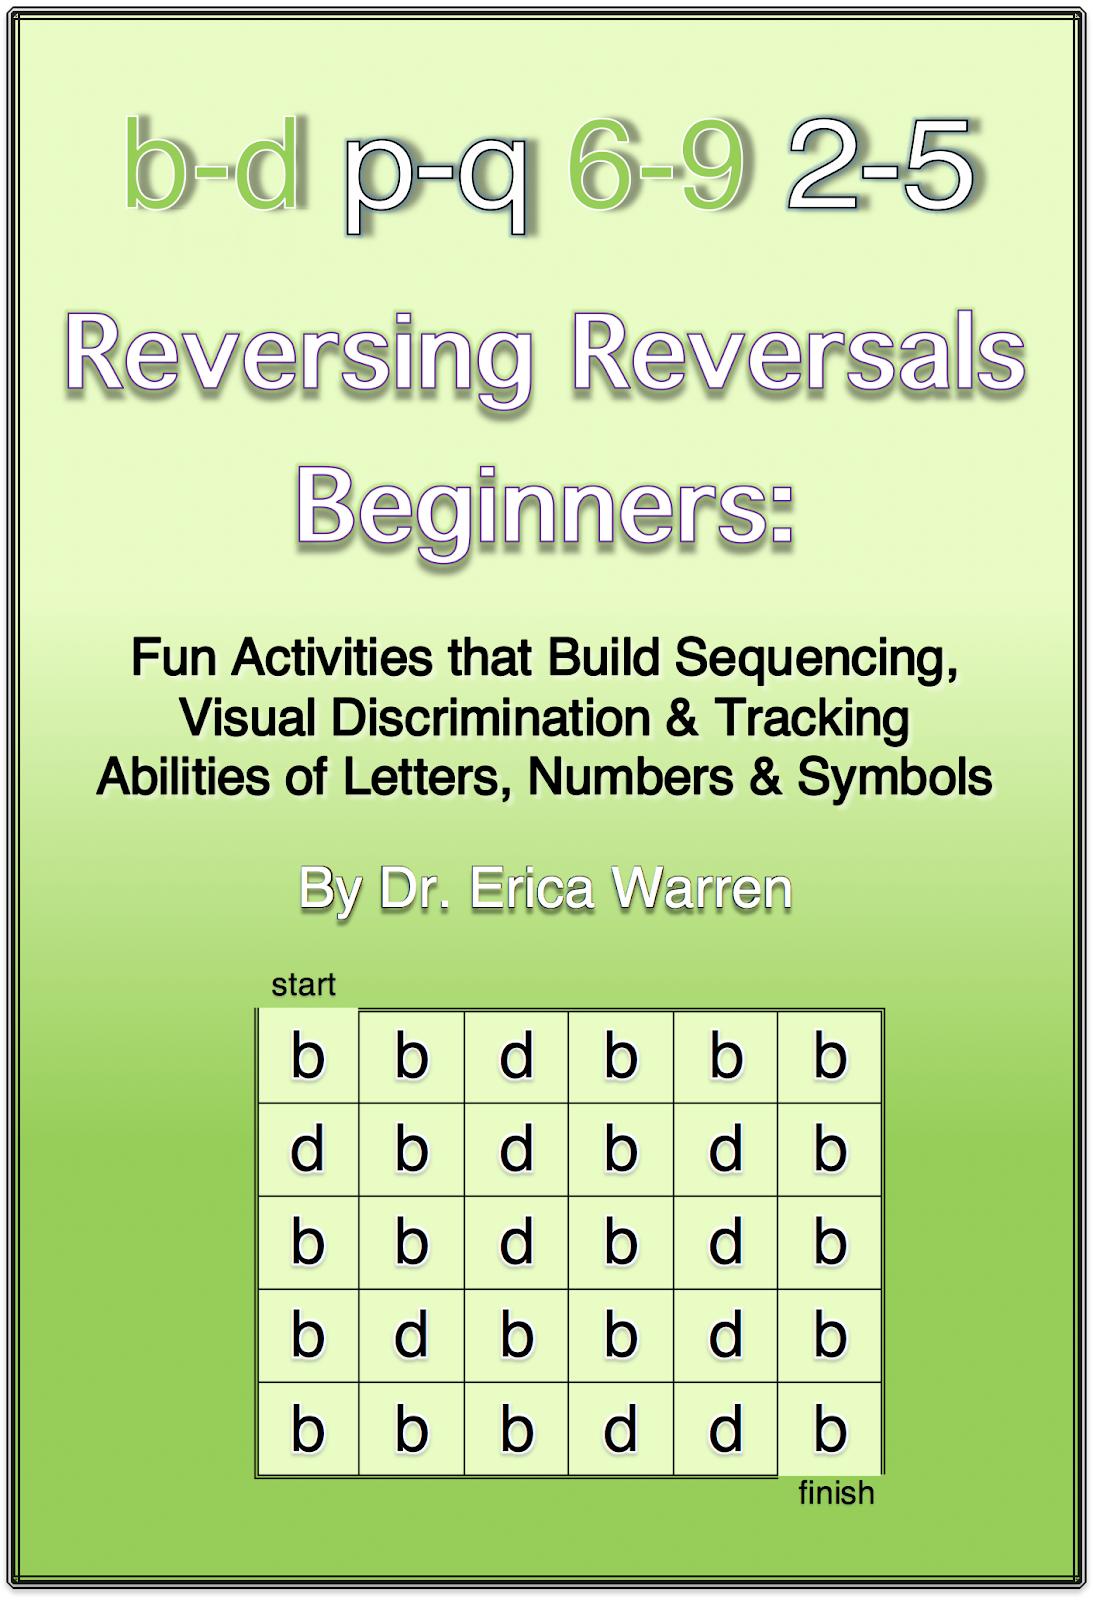 Reversing Reversals Dyslexia